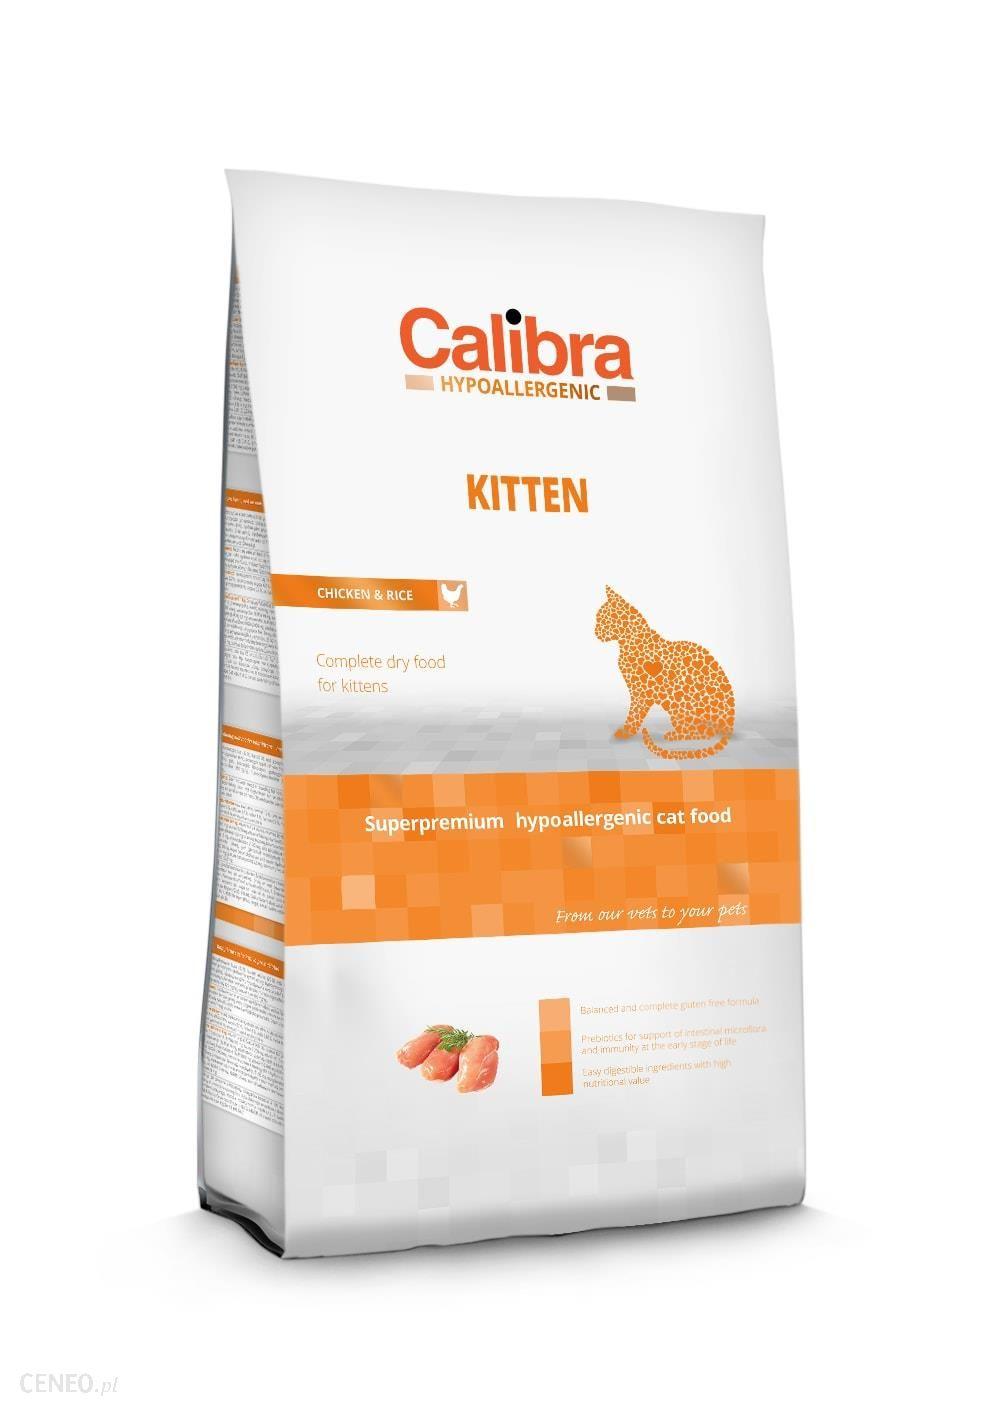 Calibra Hypoallergenic dla kociąt Kitten Chicken 7 kg